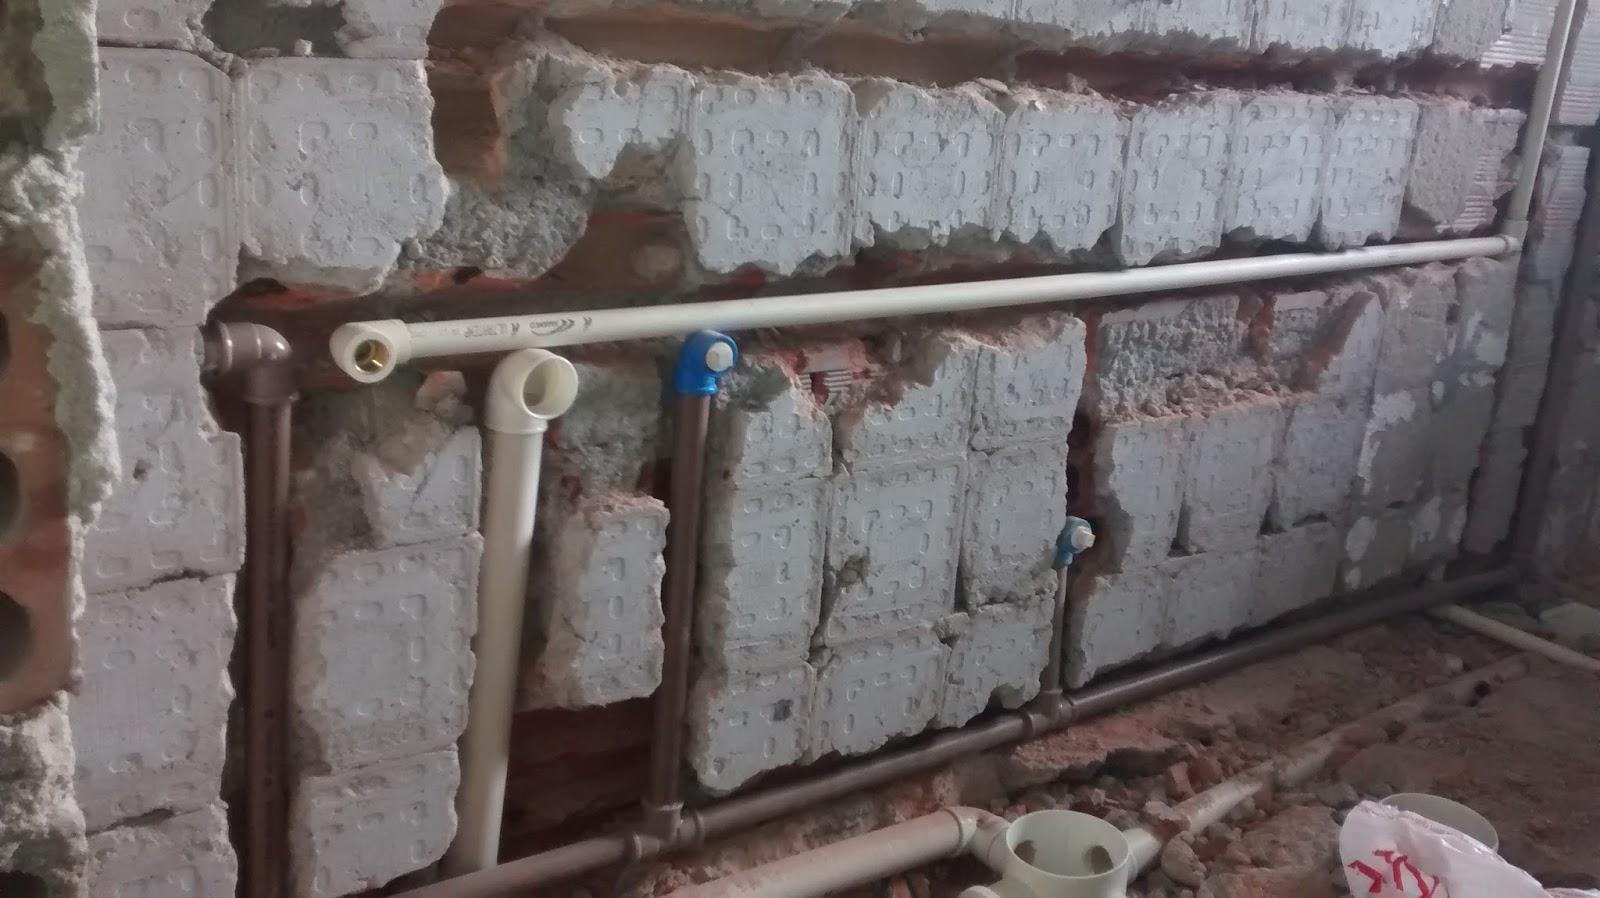 Encanamento Do Banheiro Entupido  gotoworldfrcom decoração de banheiro simp -> Encanamento De Banheiro Com Banheira